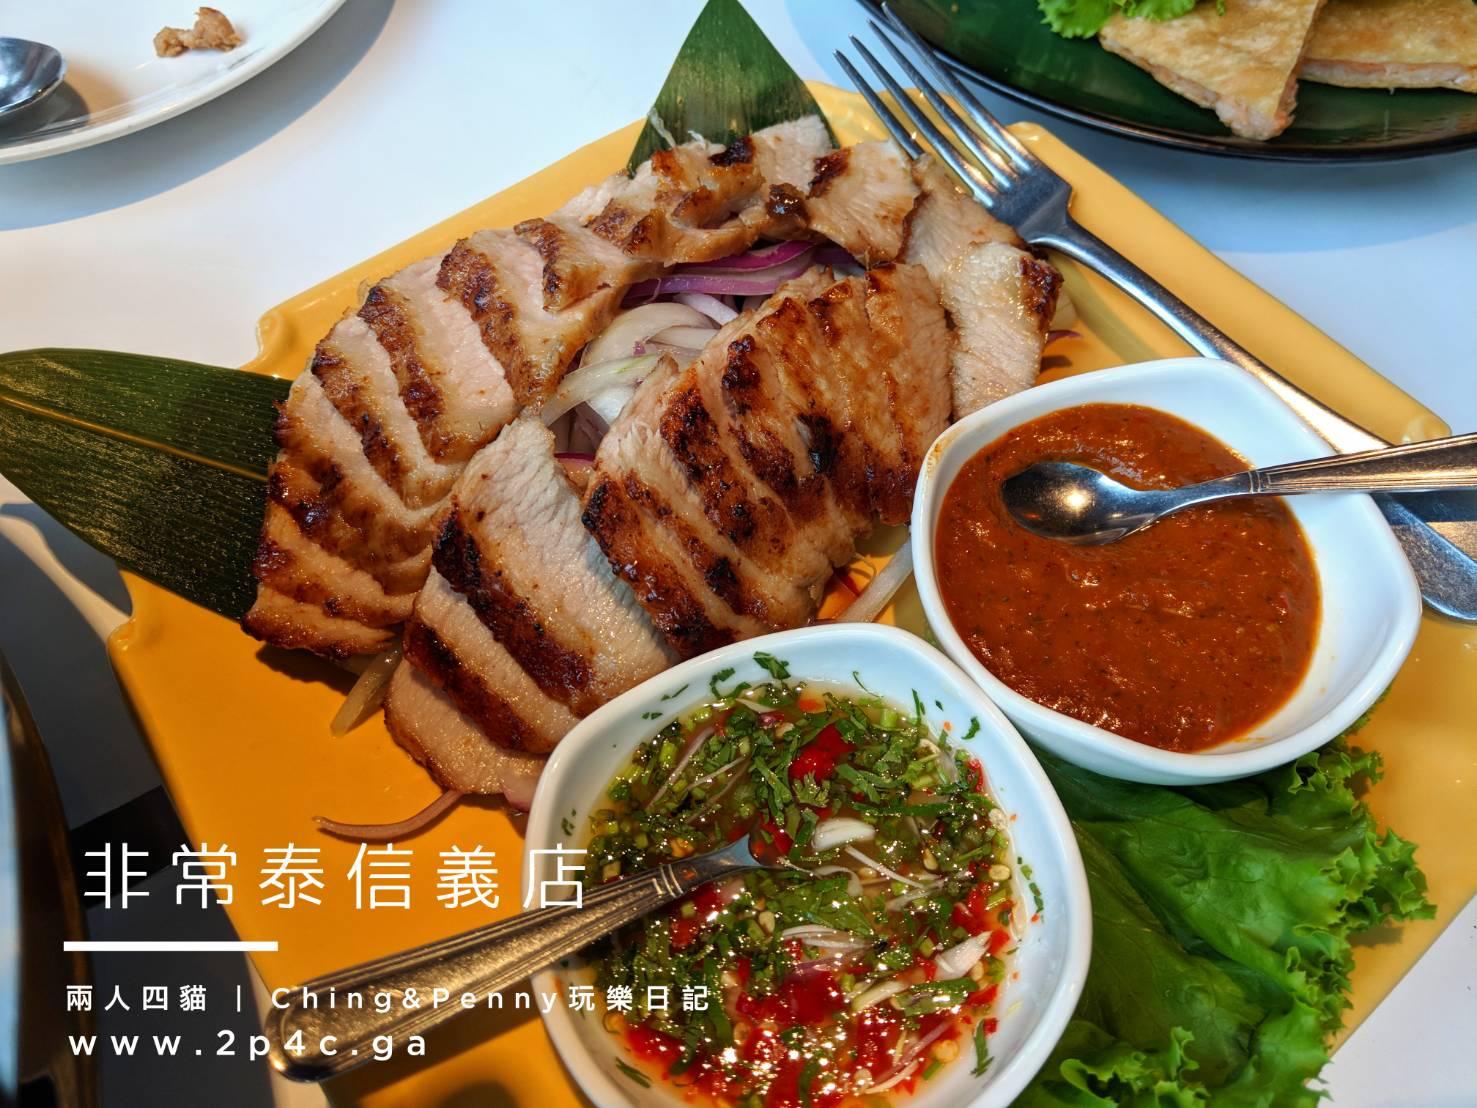 【台北|美食】夏天就是要吃泰式!瓦城集團現代質感風泰式料理 「非常泰」概念食坊信義店